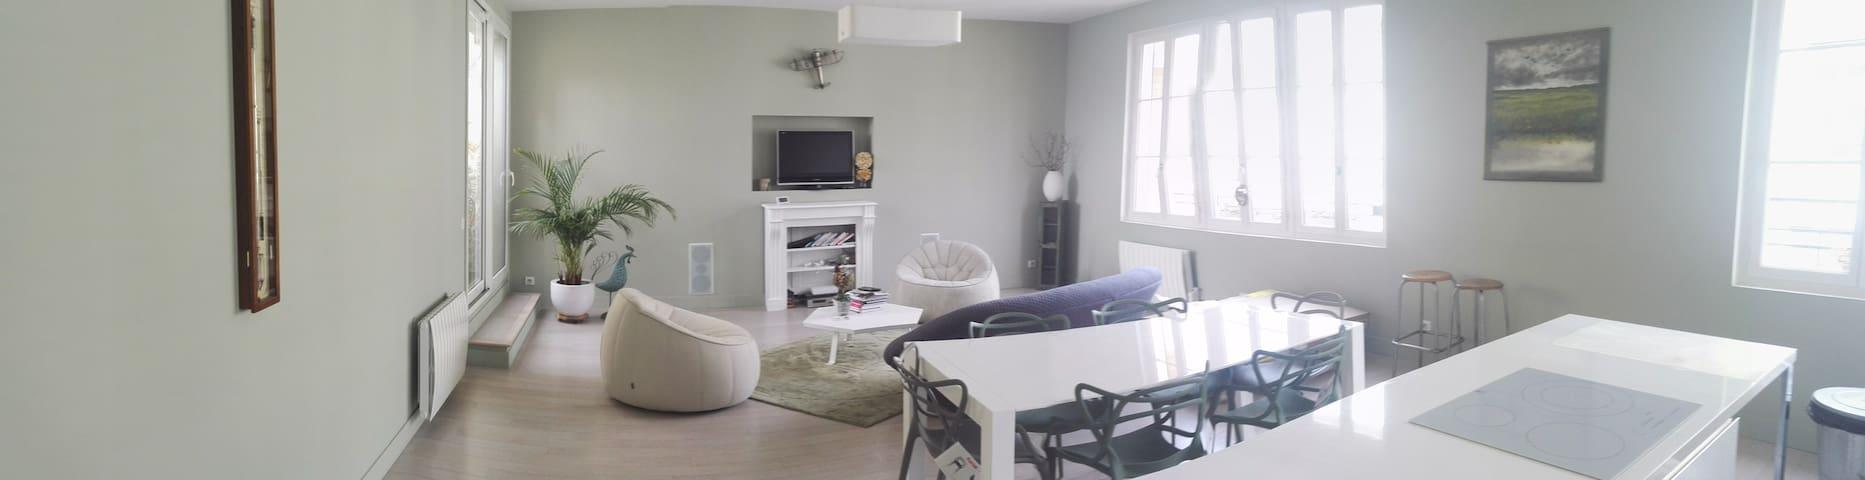 Appartement calme et spacieux Centre Ville - Mantes-la-Jolie - Apartment